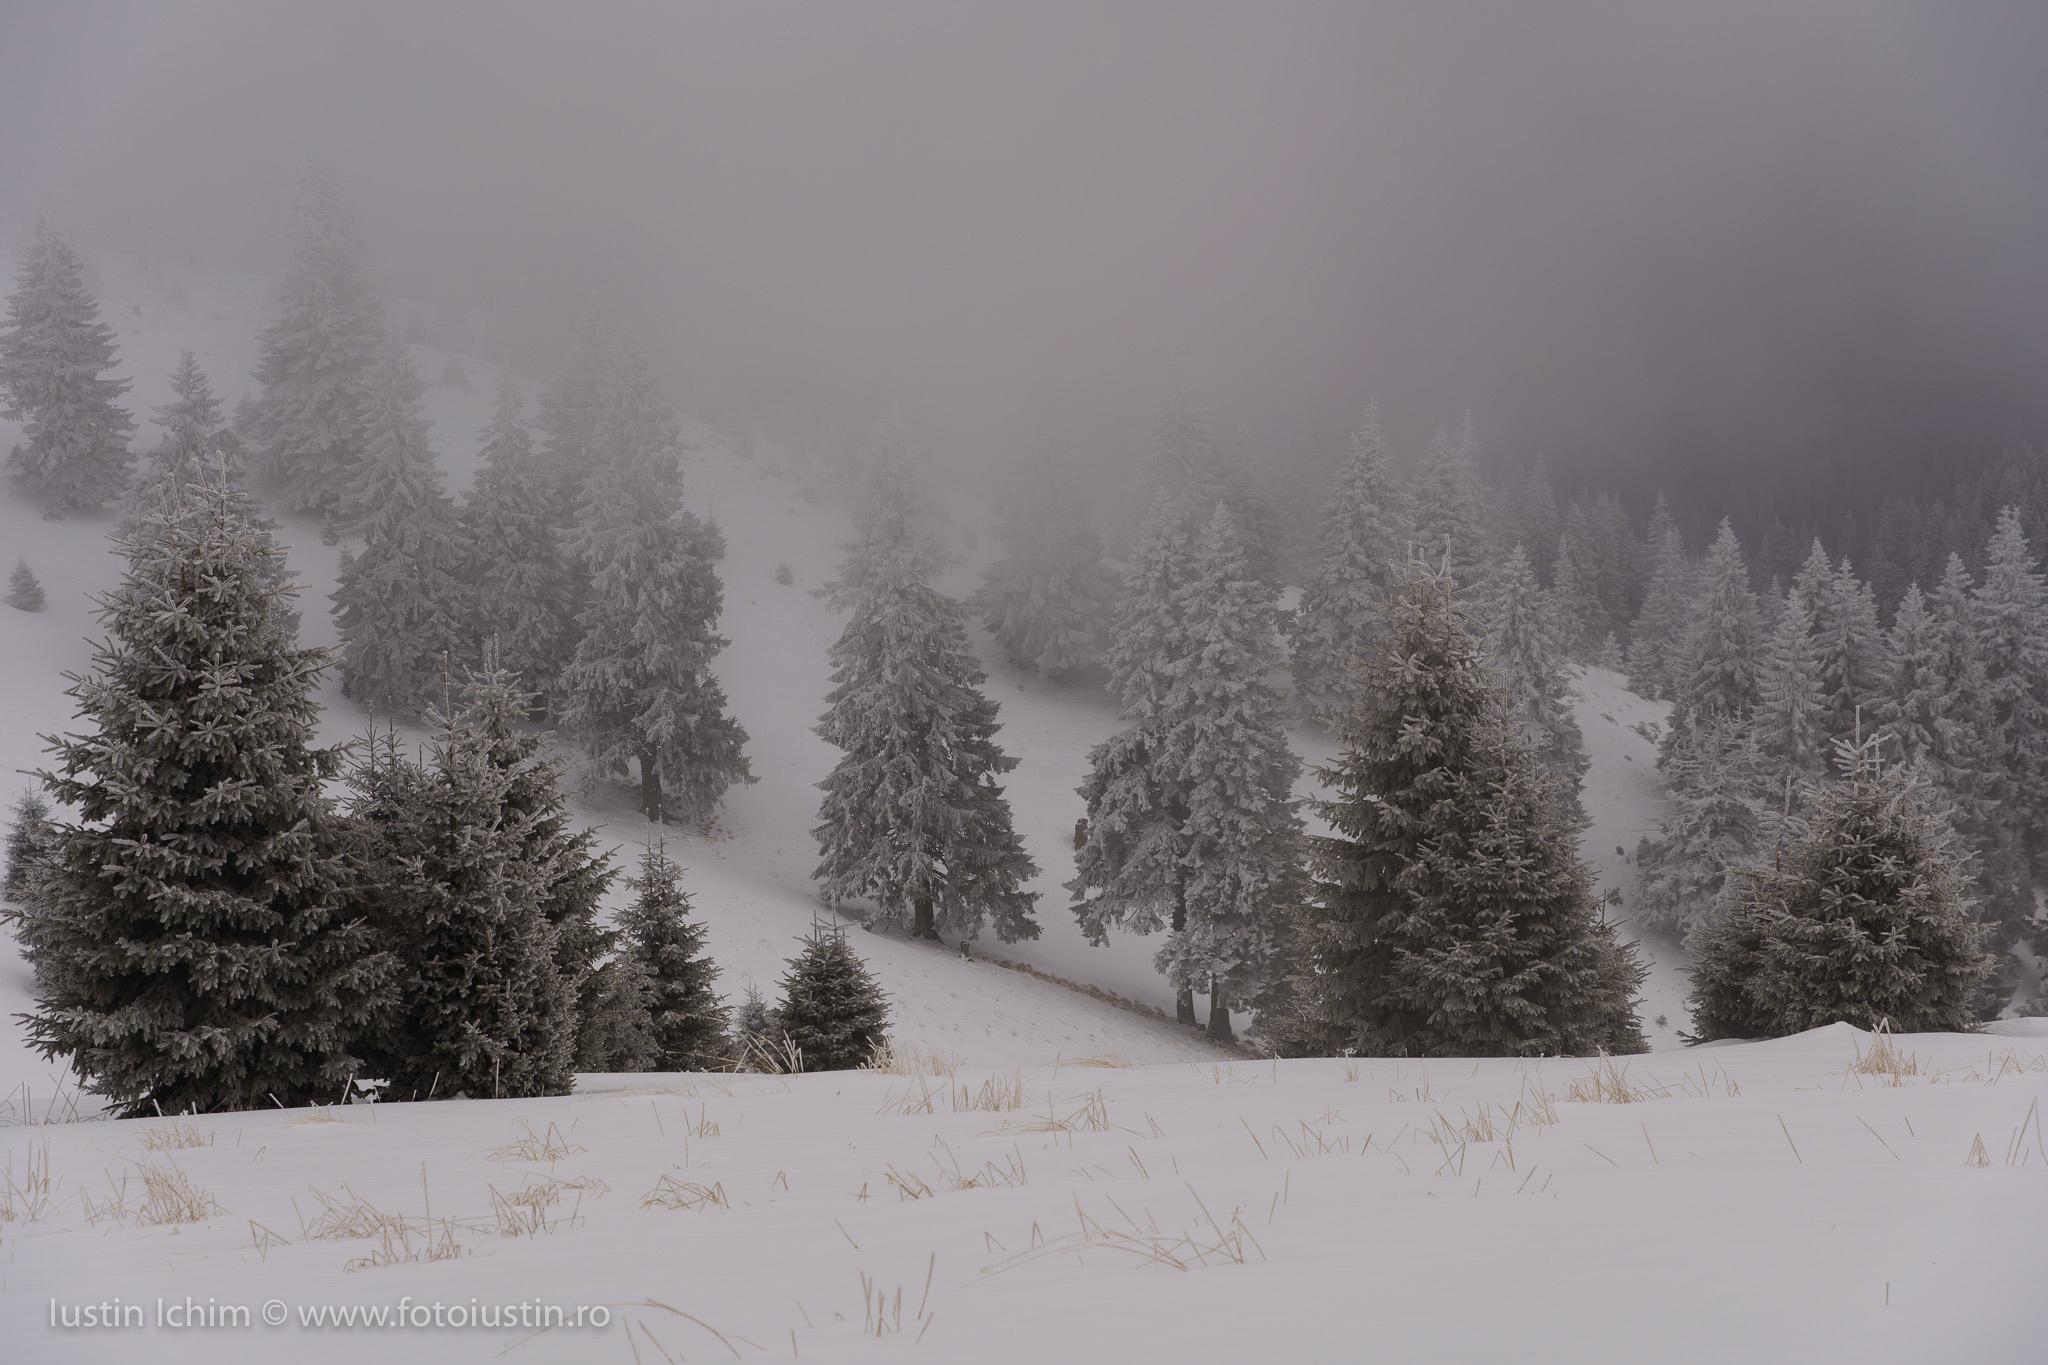 Peisaj mistic de iarnă